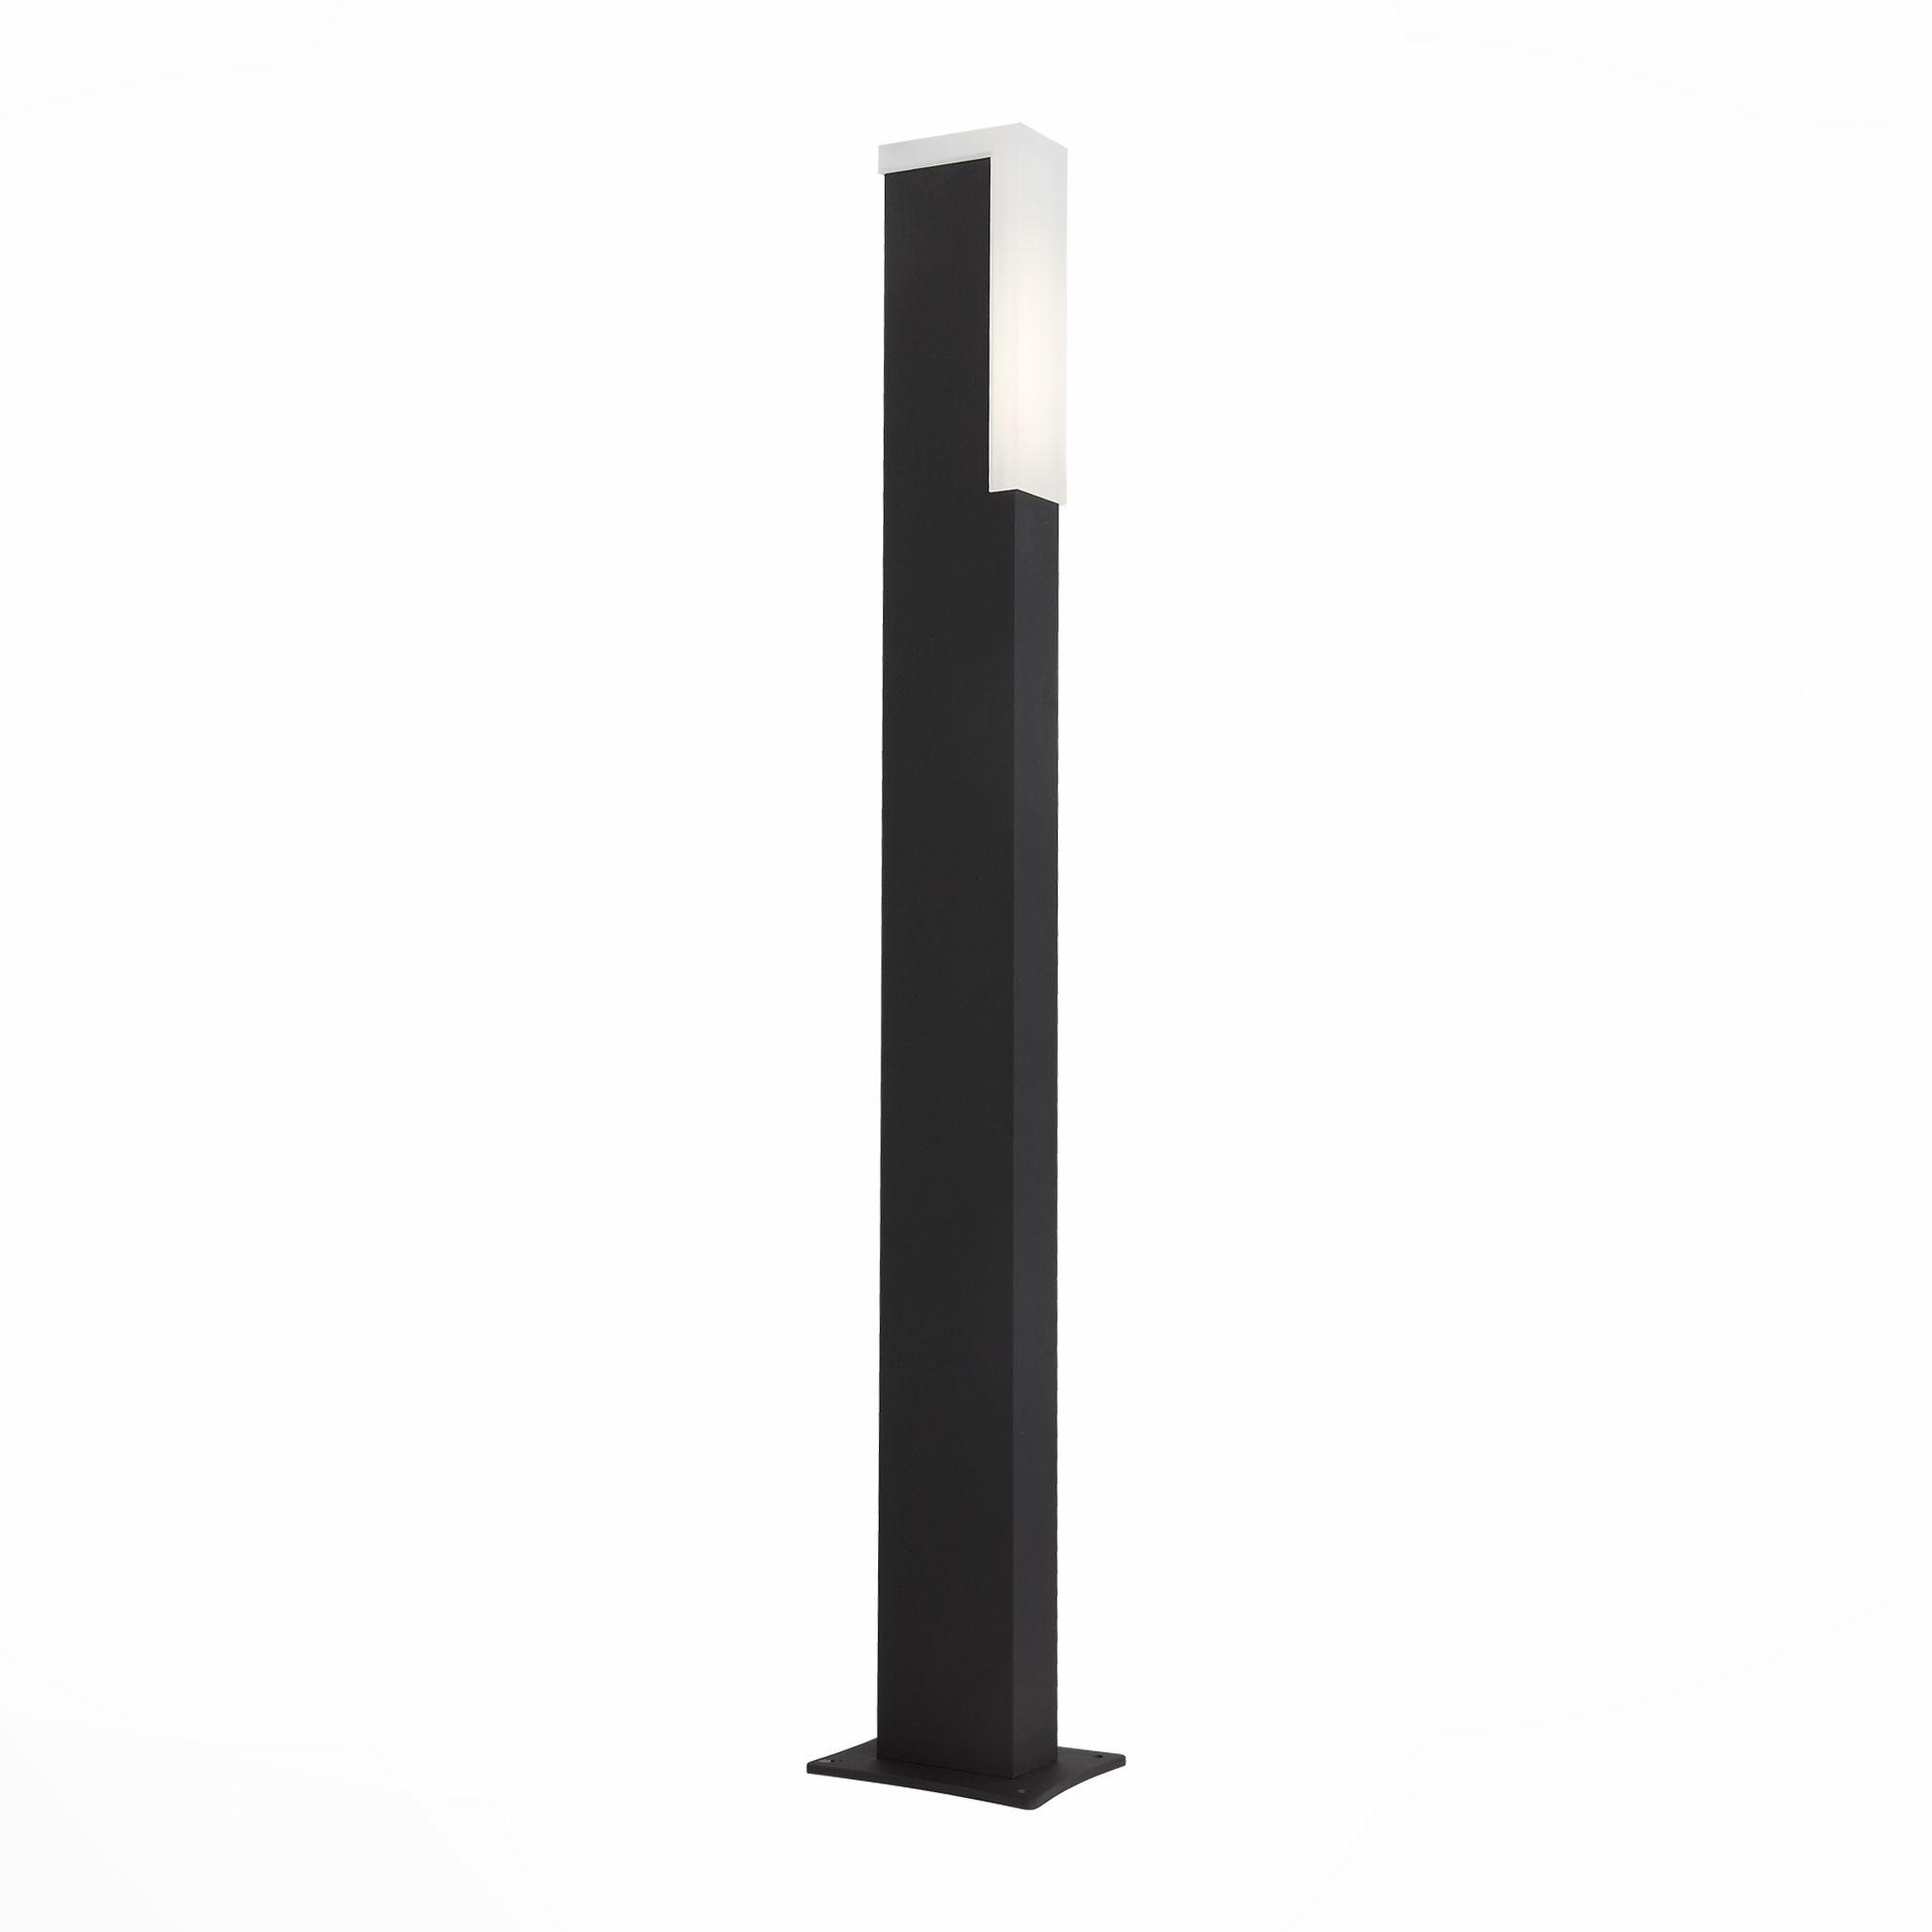 Светильник уличный наземный ST-Luce Черный/Белый LED 2*2W SL096.445.02